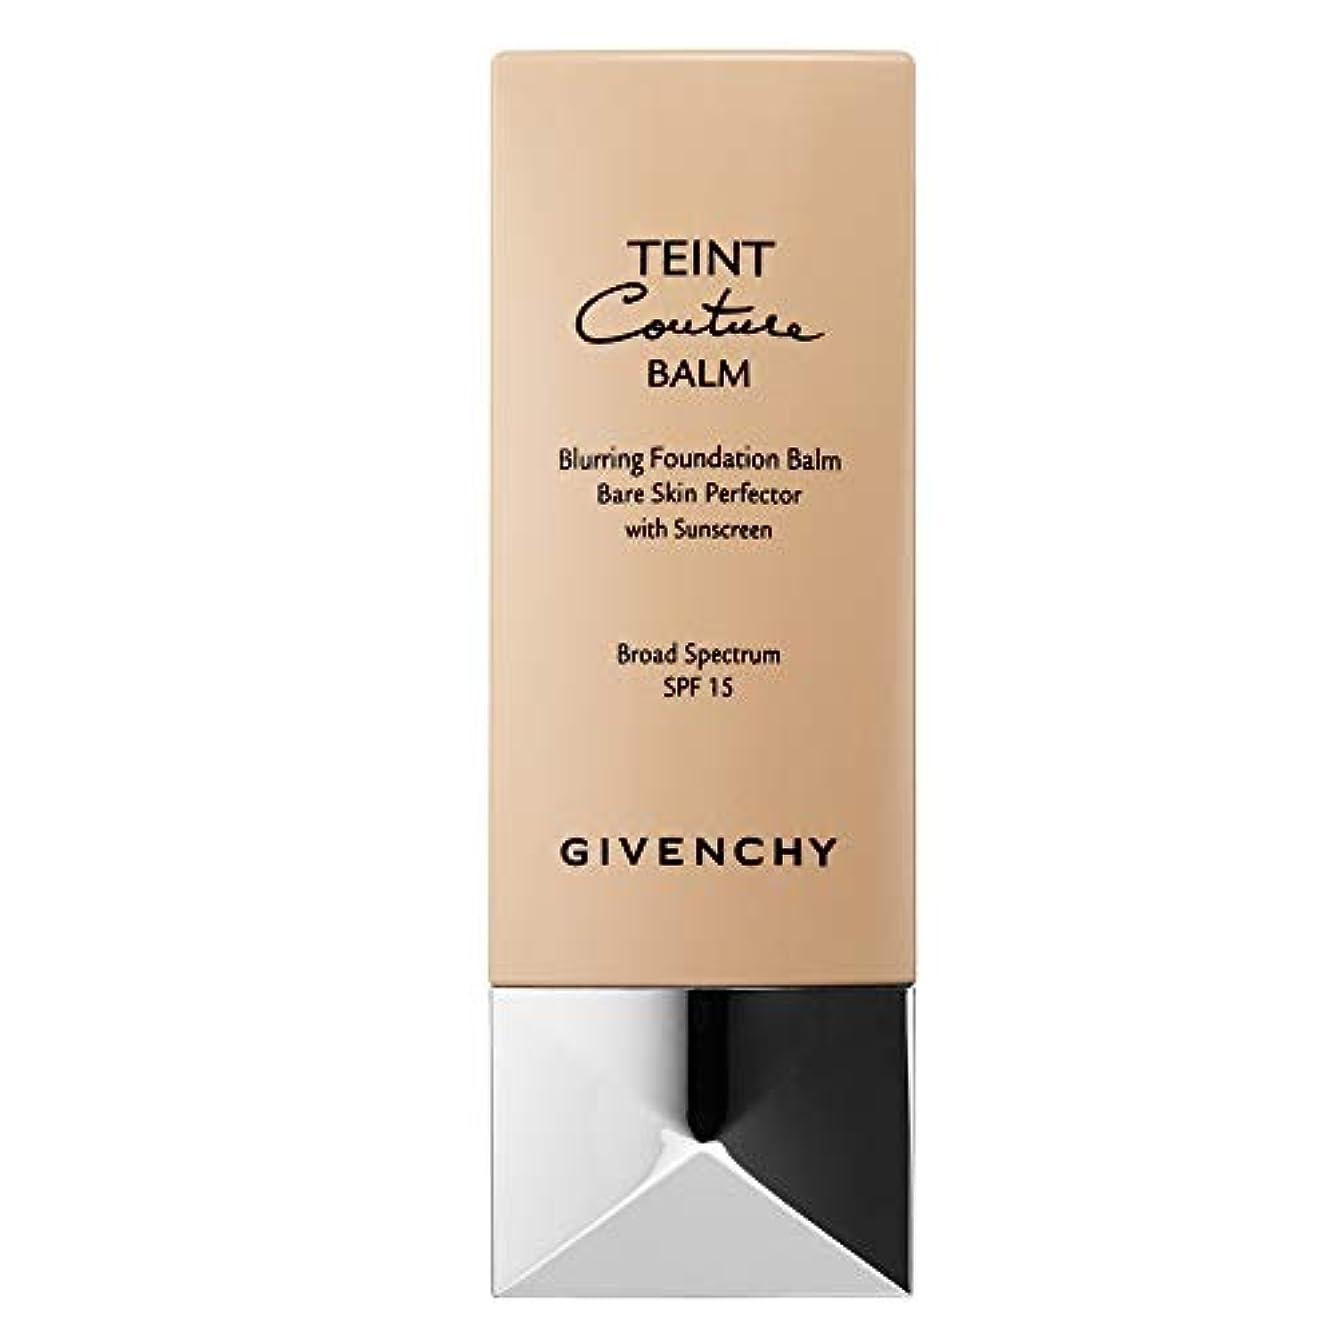 のヒープモードリンローマ人ジバンシィ Teint Couture Blurring Foundation Balm SPF 15 - # 1 Nude Porcelain 30ml/1oz並行輸入品